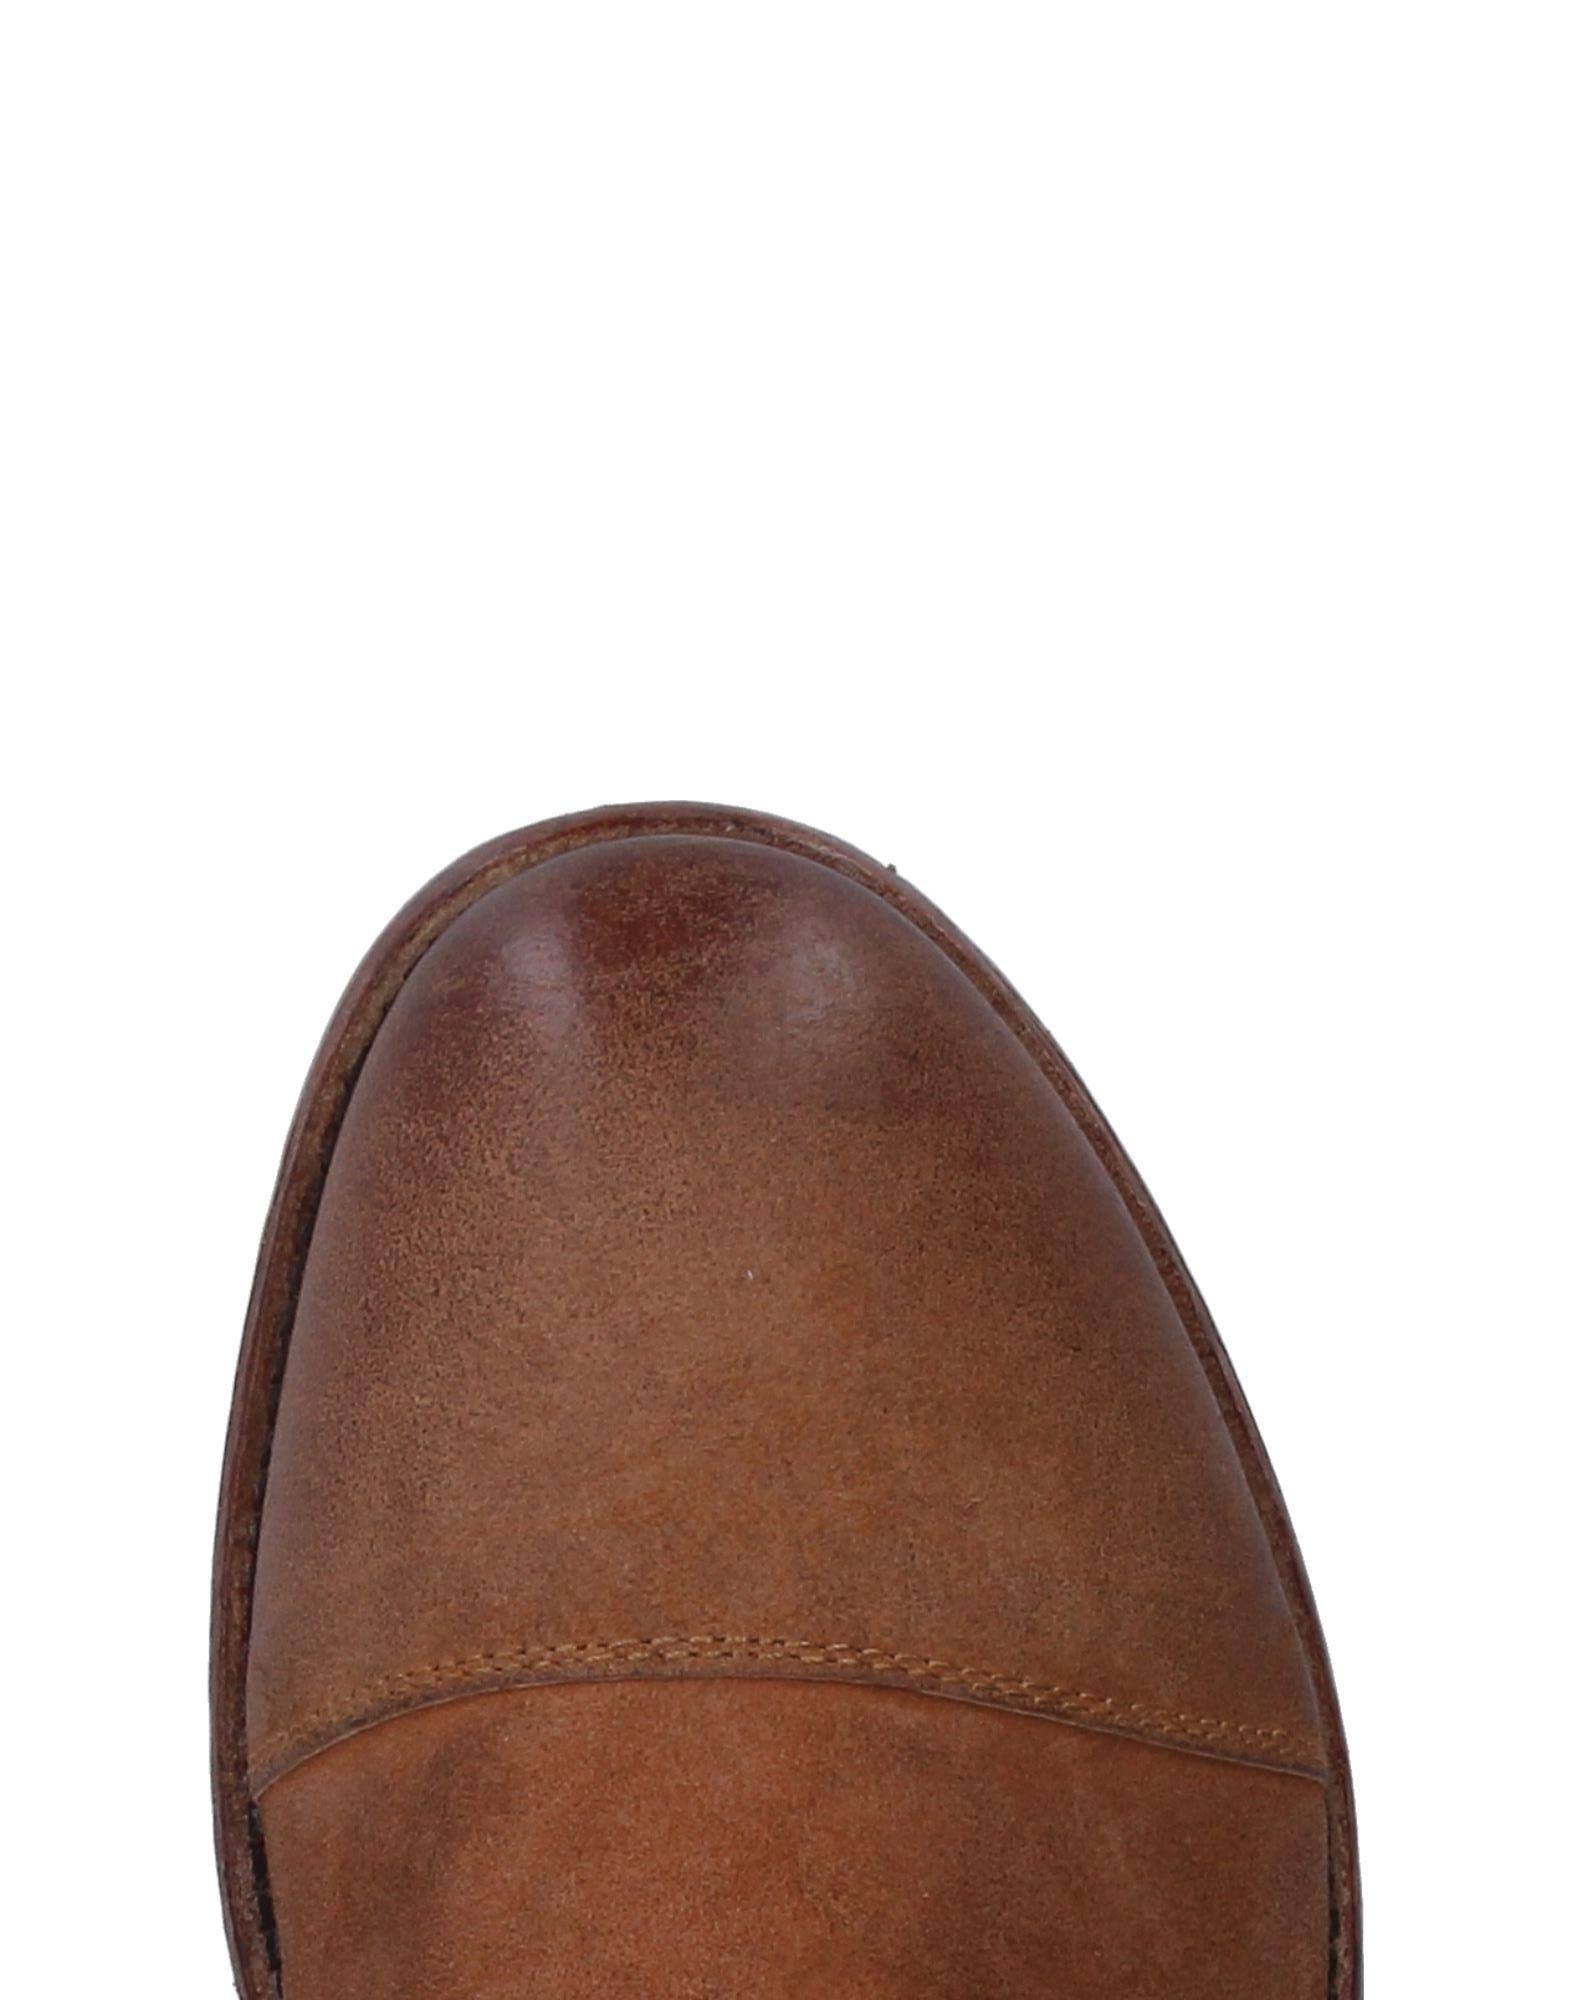 Moma Schnürschuhe Herren  11326209UL Gute Qualität beliebte Schuhe